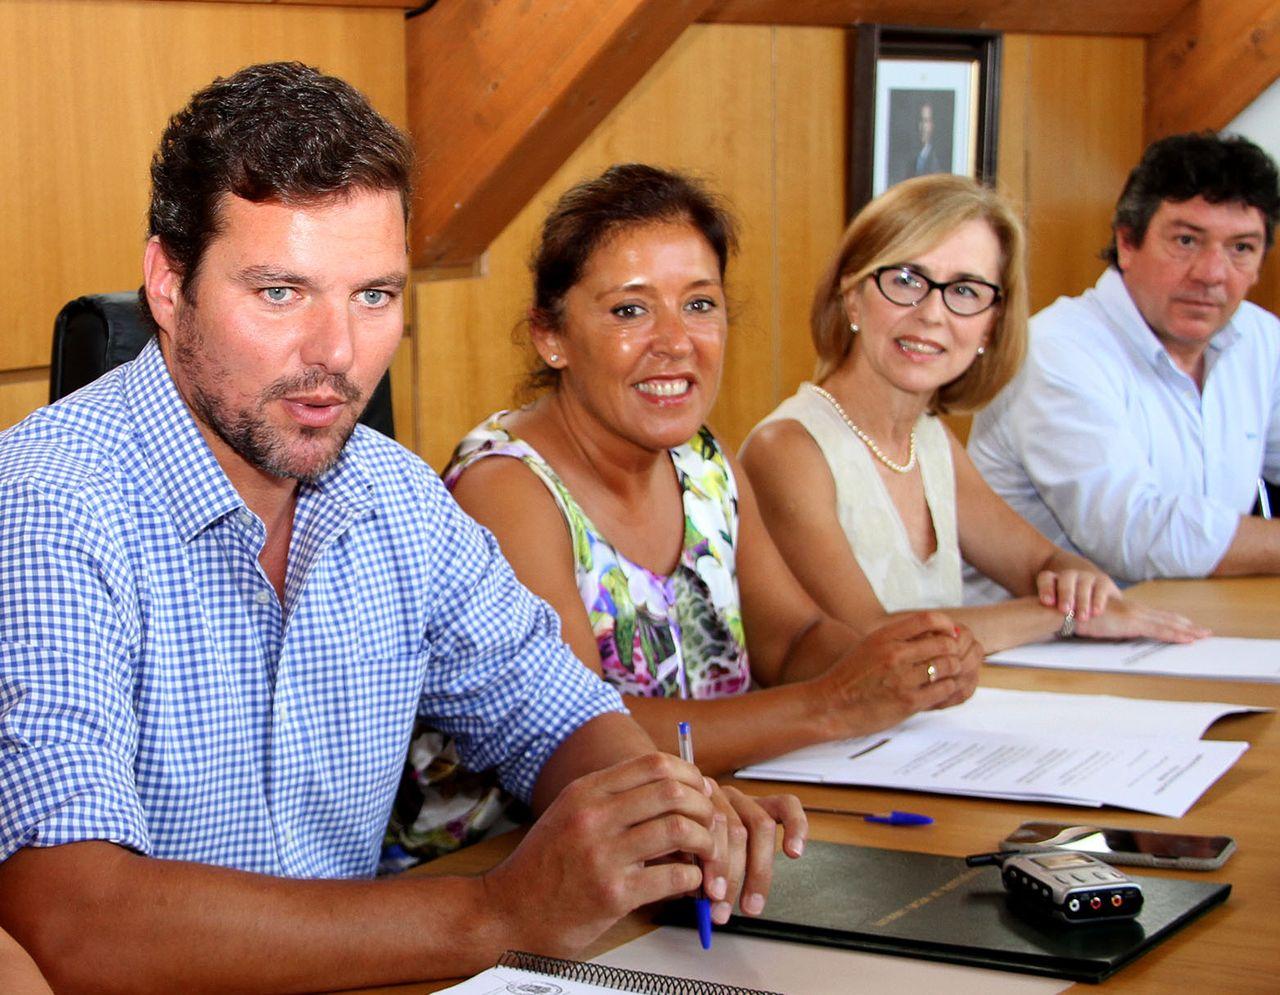 Pola esquerda, o rexedor estradense Jos� L�pez, xunto a conselleira de Medio Ambiente, Beatriz Mato e membros do executivo.  - FOTO: X.G.